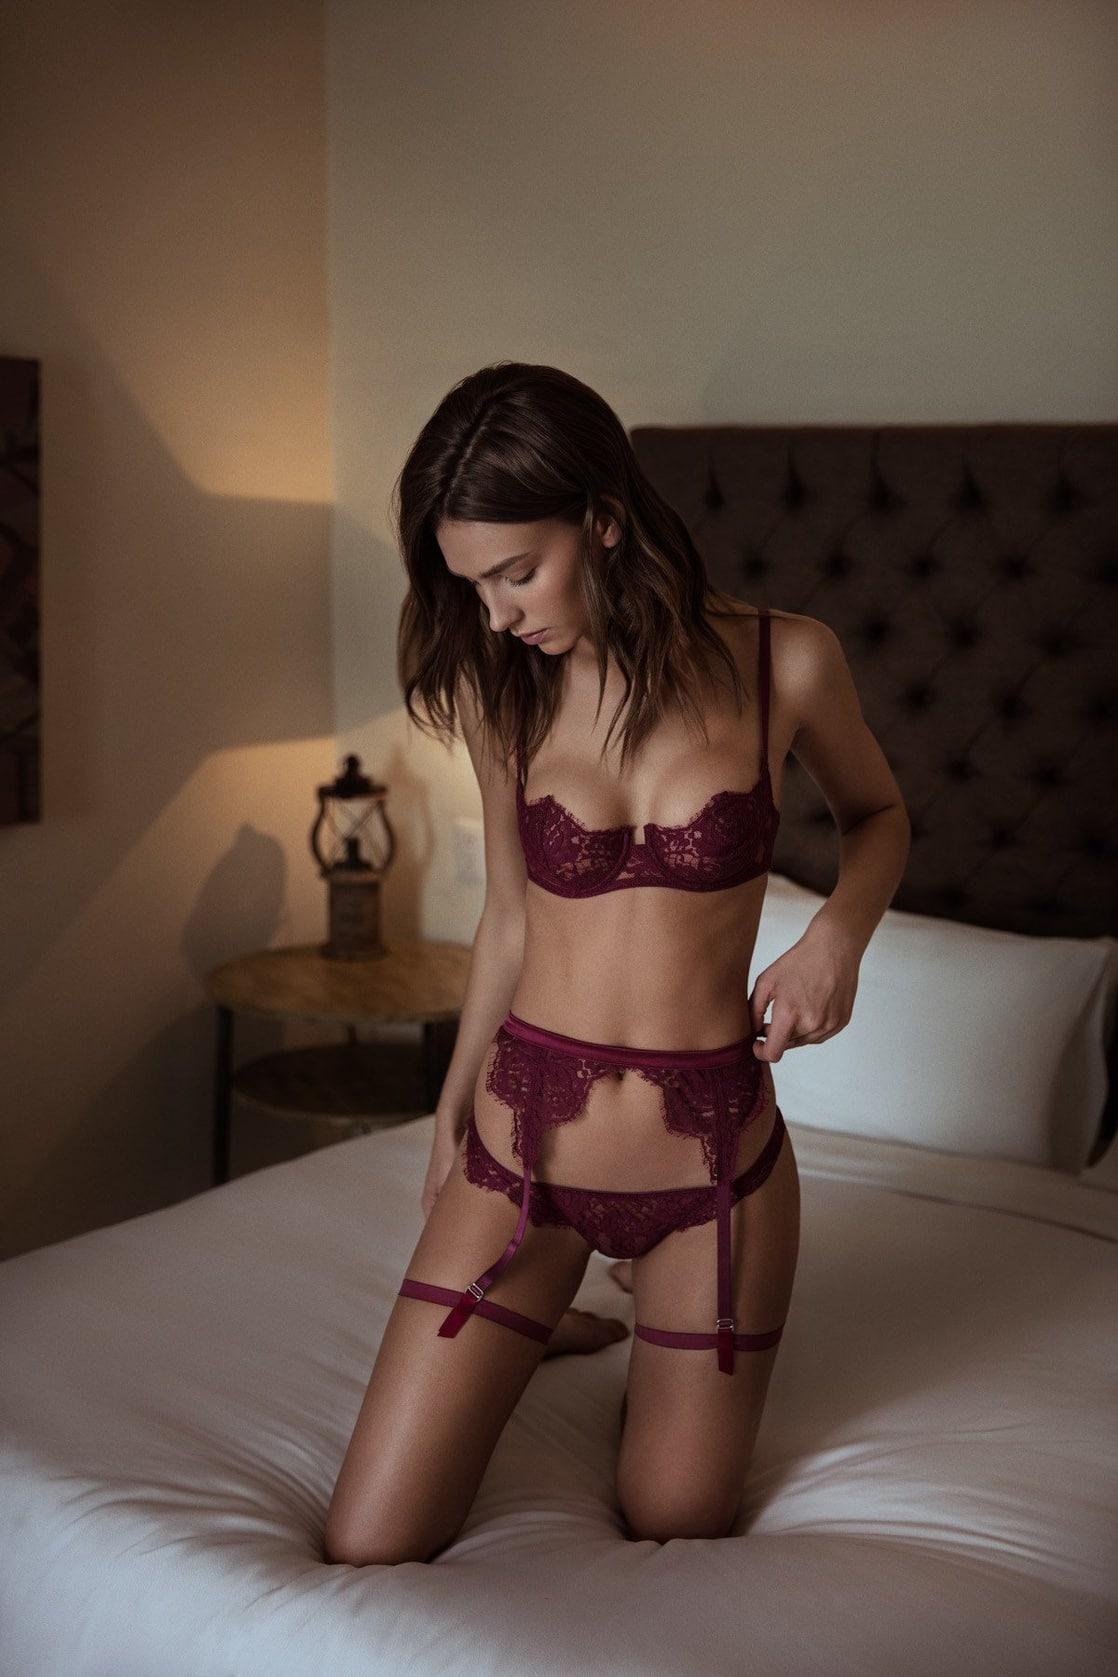 Celebrites Brooke Burns nude photos 2019